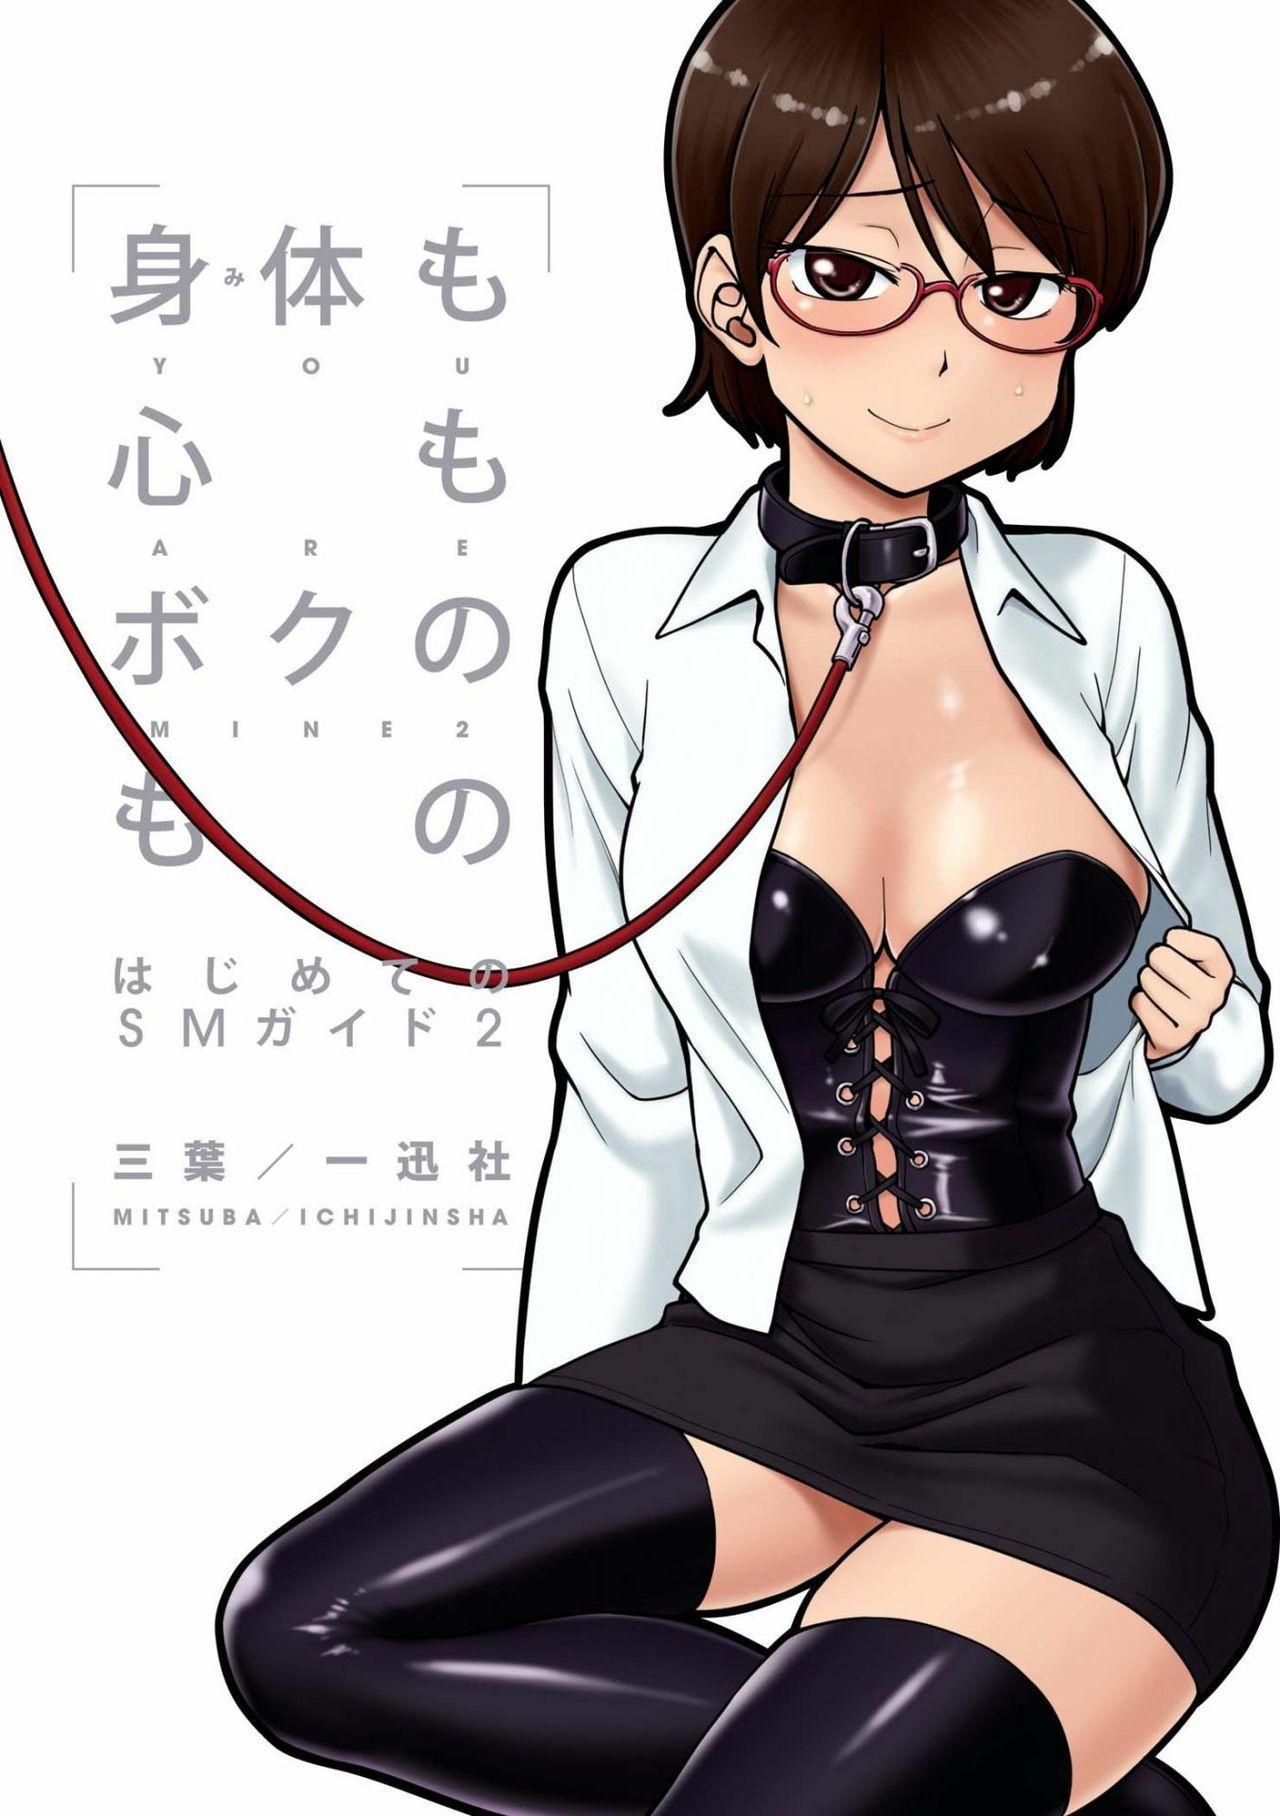 [Mitsuba] Karada mo Kokoro mo Boku no Mono ~Hajimete no SM Guide~ 2 [Digital] 1